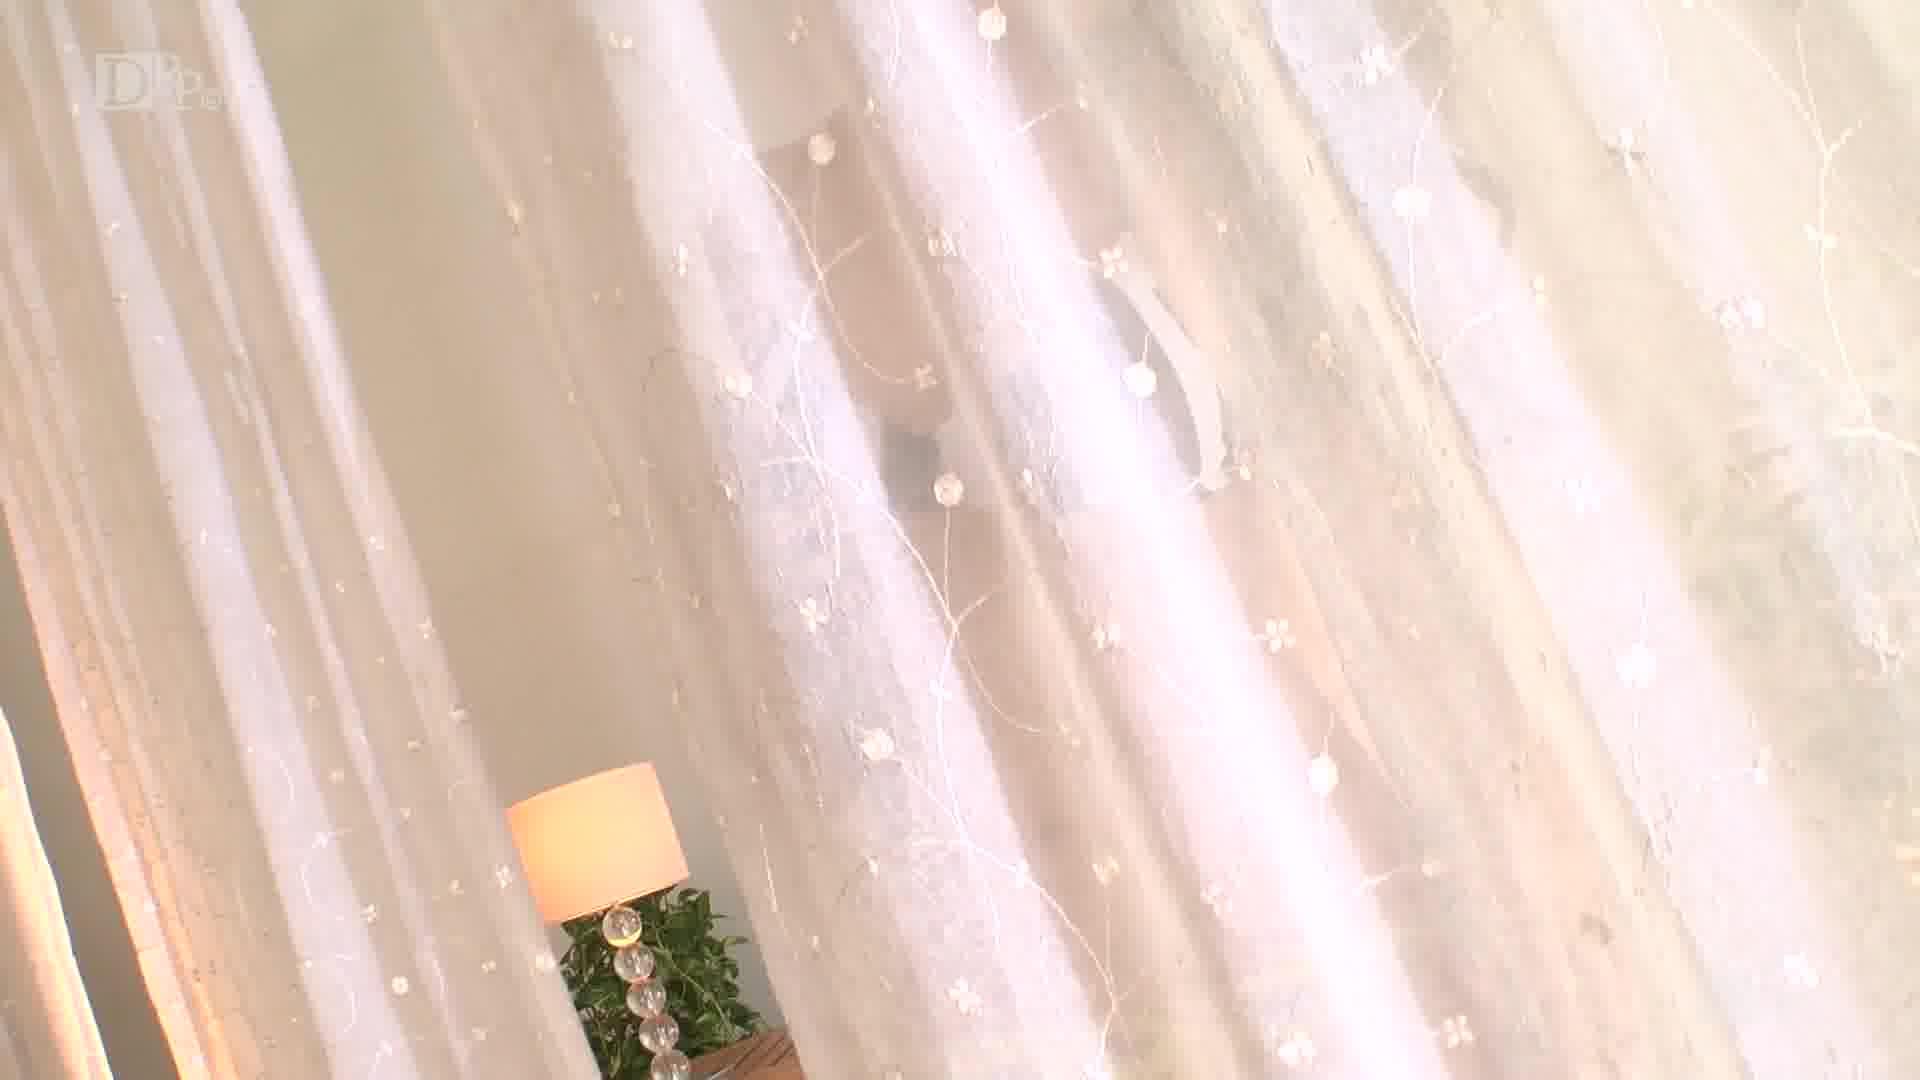 太陽の眩しい昼間に何度もイかせて - 小早川怜子【巨乳・水着・中出し】